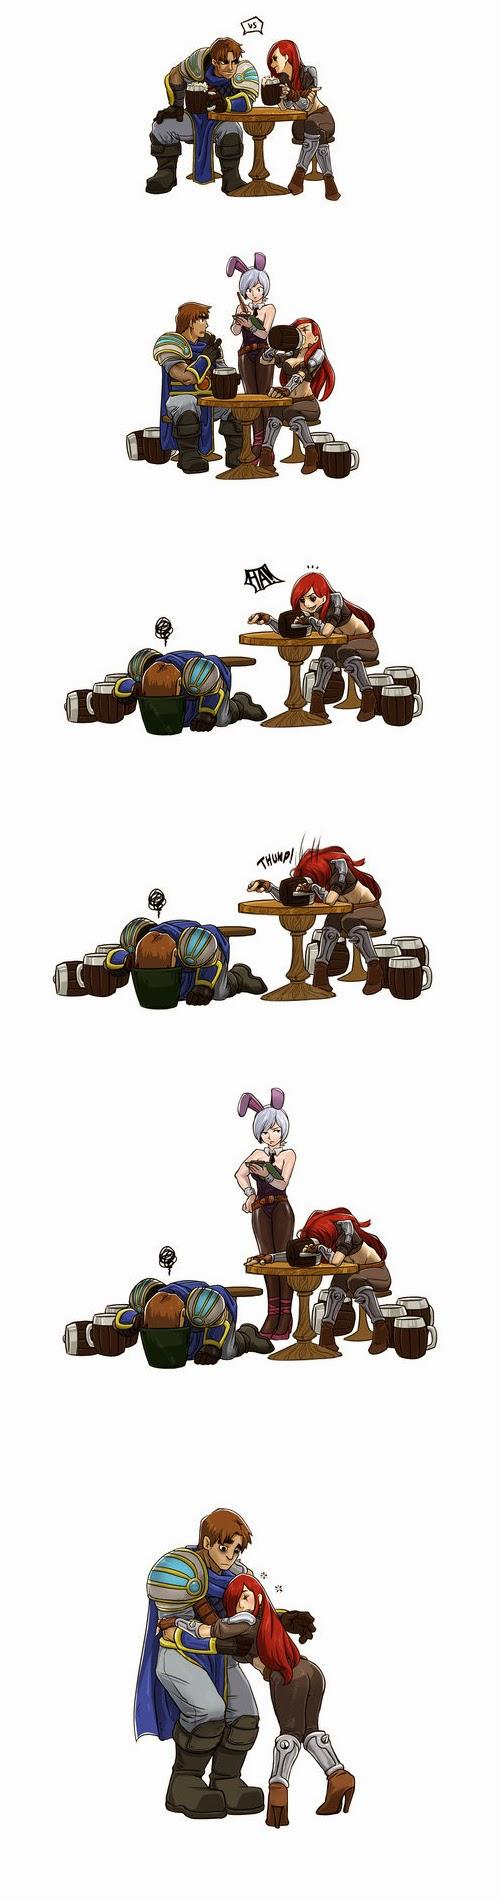 Comic Liên Minh Huyền Thoại: Thi uống rượu - Ảnh 2